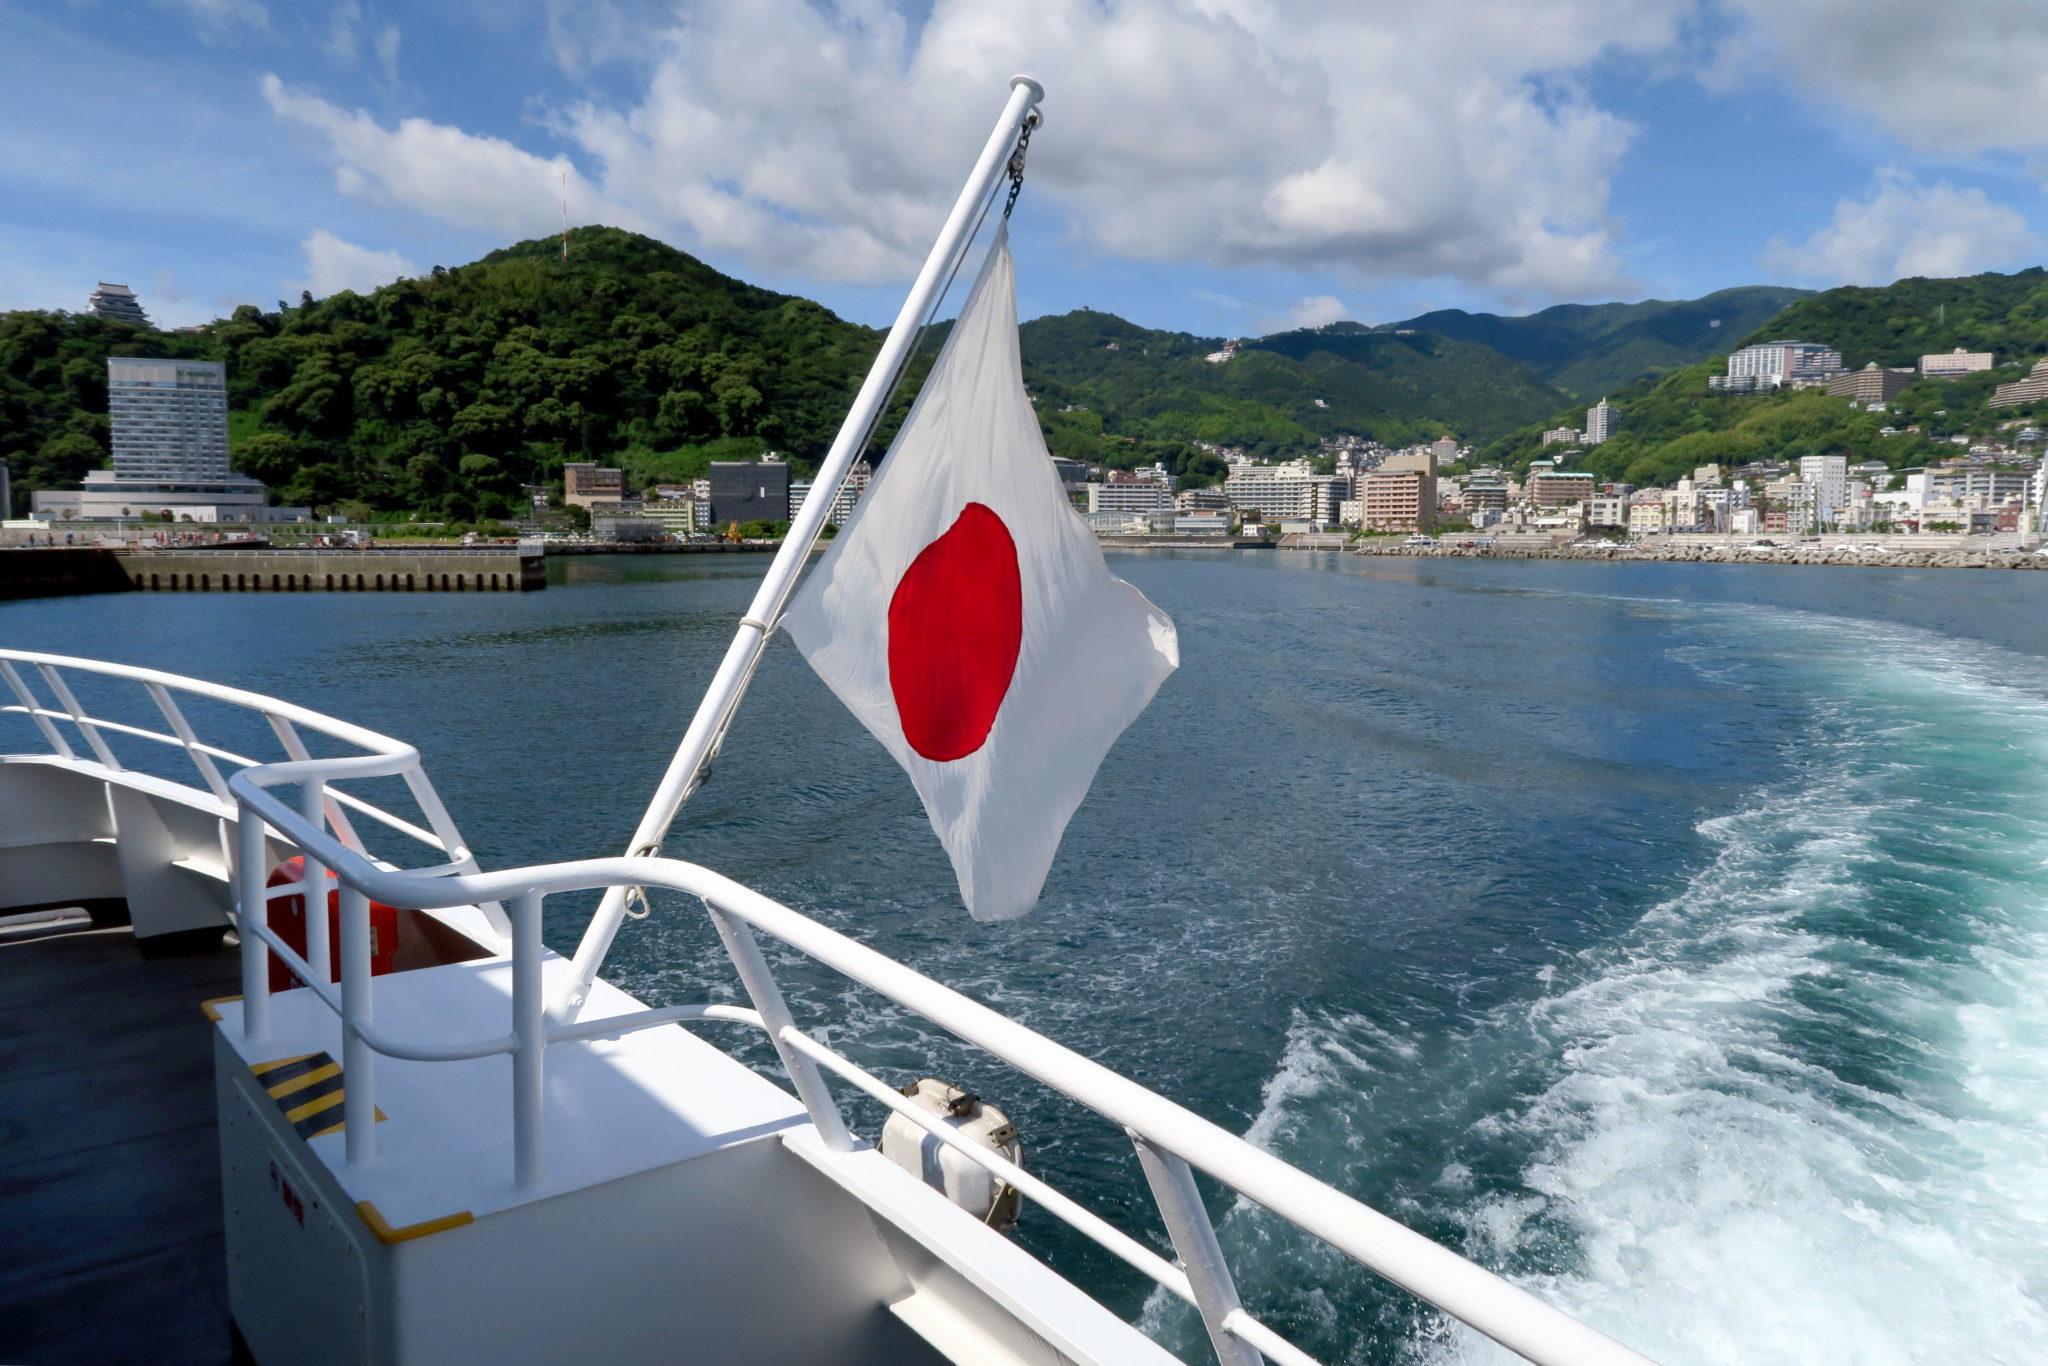 Hatsushima Ferry Atami Japan